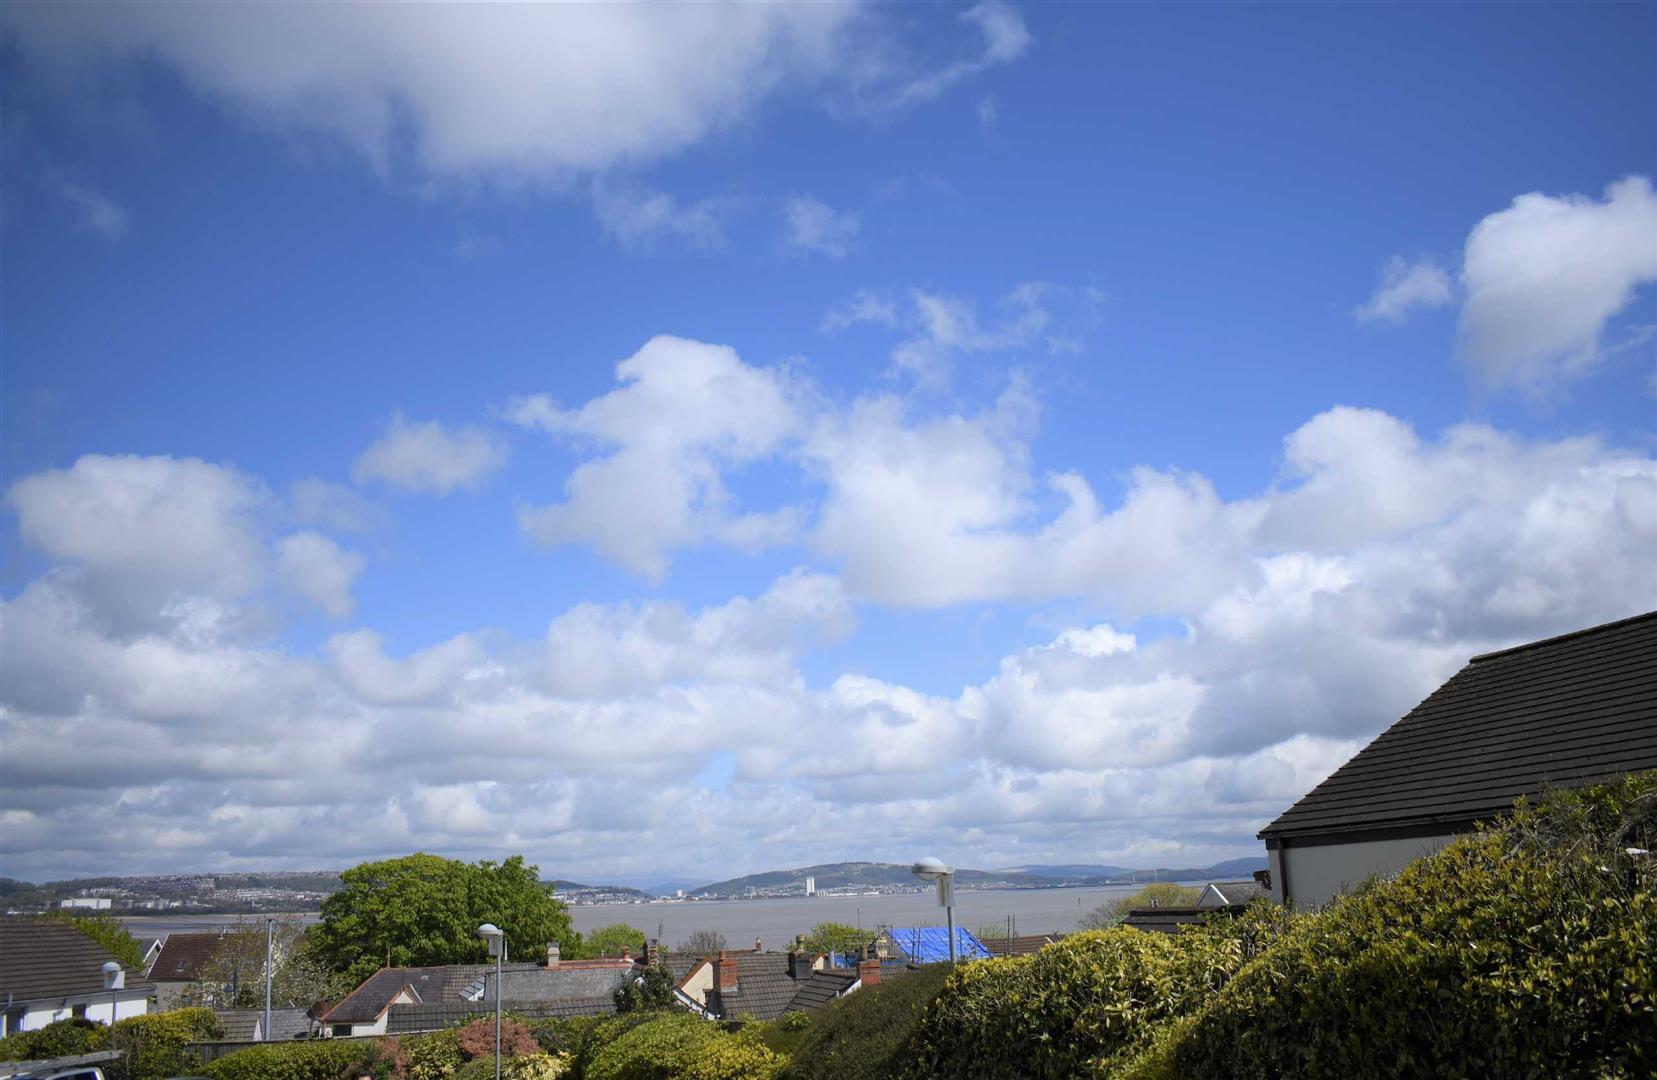 St Annes, Mumbles, Swansea, SA3 4EW